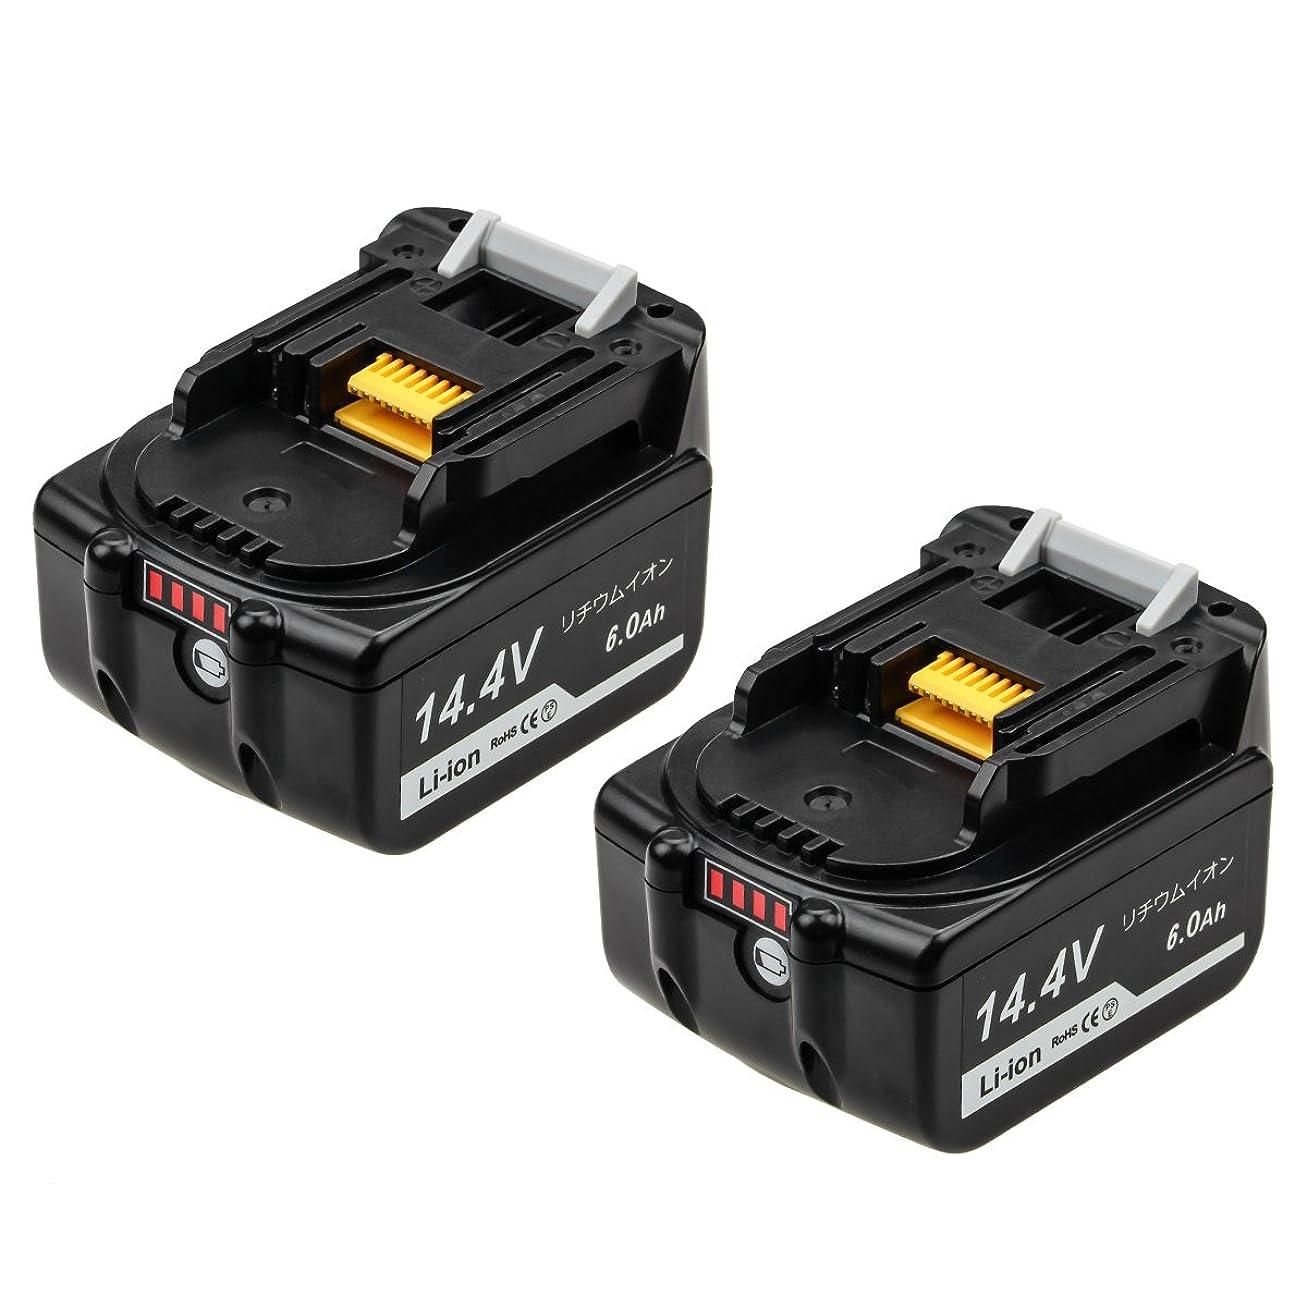 護衛牽引相関するBoetpcr マキタ 14.4v バッテリー マキタ BL1460B マキタ バッテリー 14.4v 6.0Ah互換バッテリー残量表示付き マキタbl1430b bl1450b bl1440b bl1460b純正互換バッテリー対応 一年保証二個セット